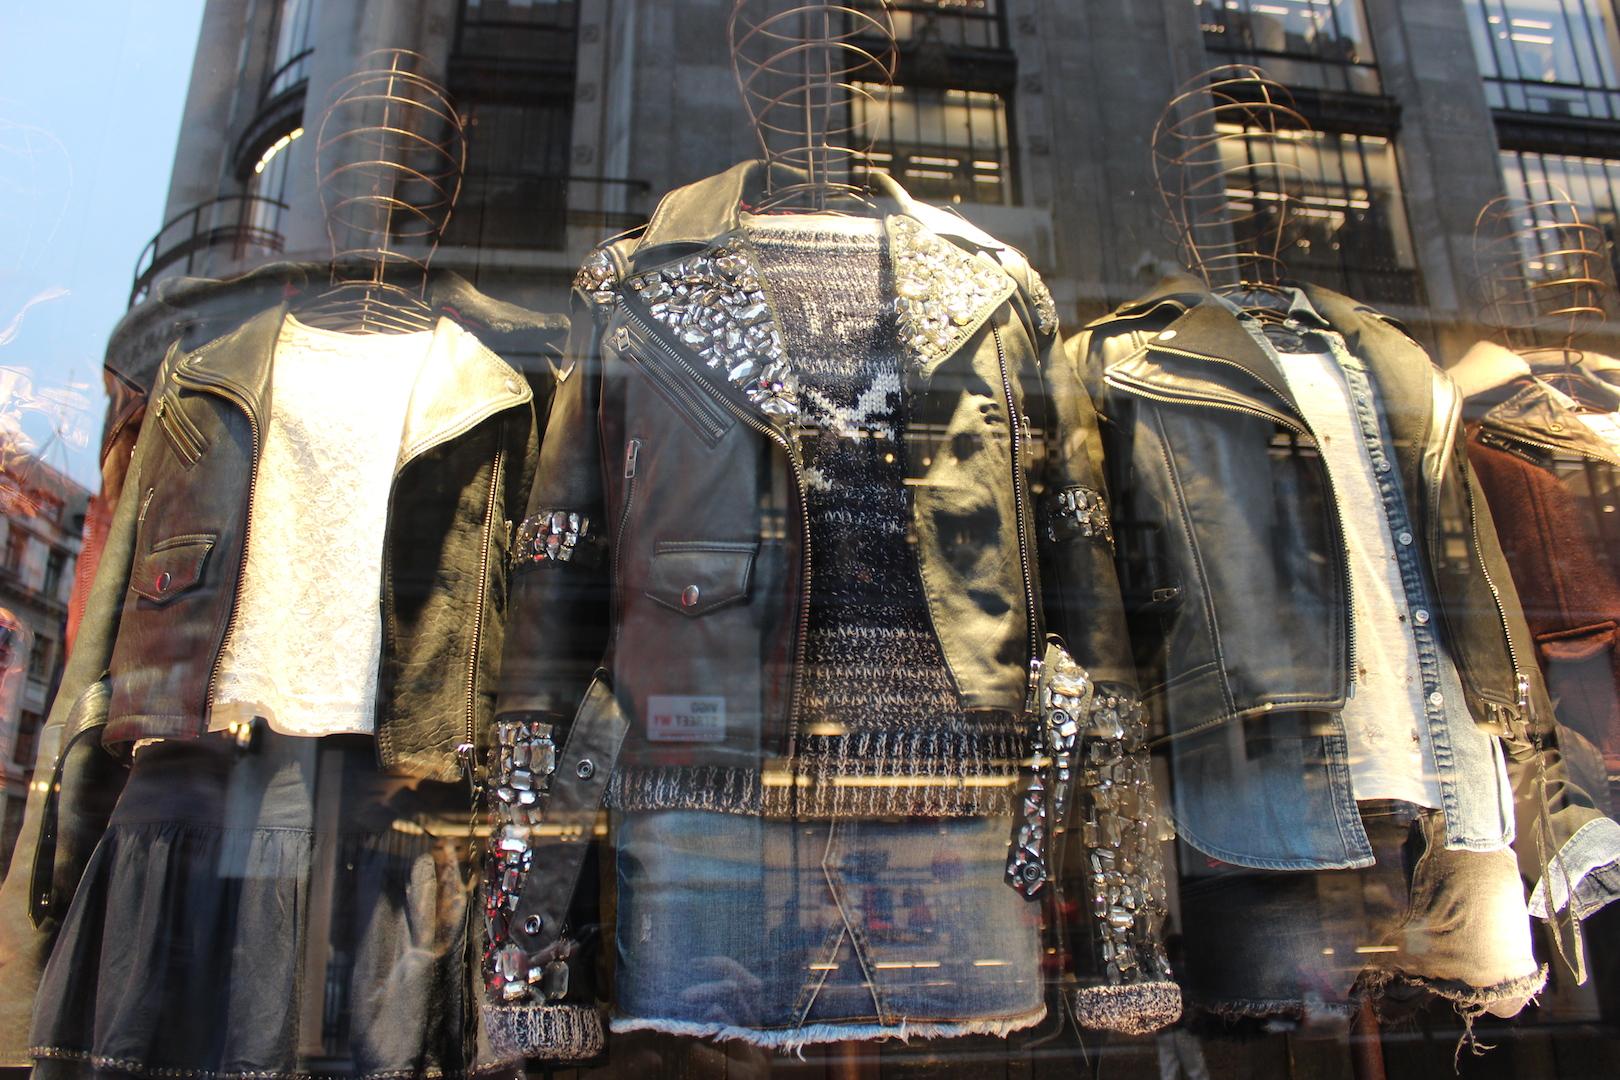 Curso pr ctico de personal shopper asesor a de imagen - Personal shopper barcelona ...